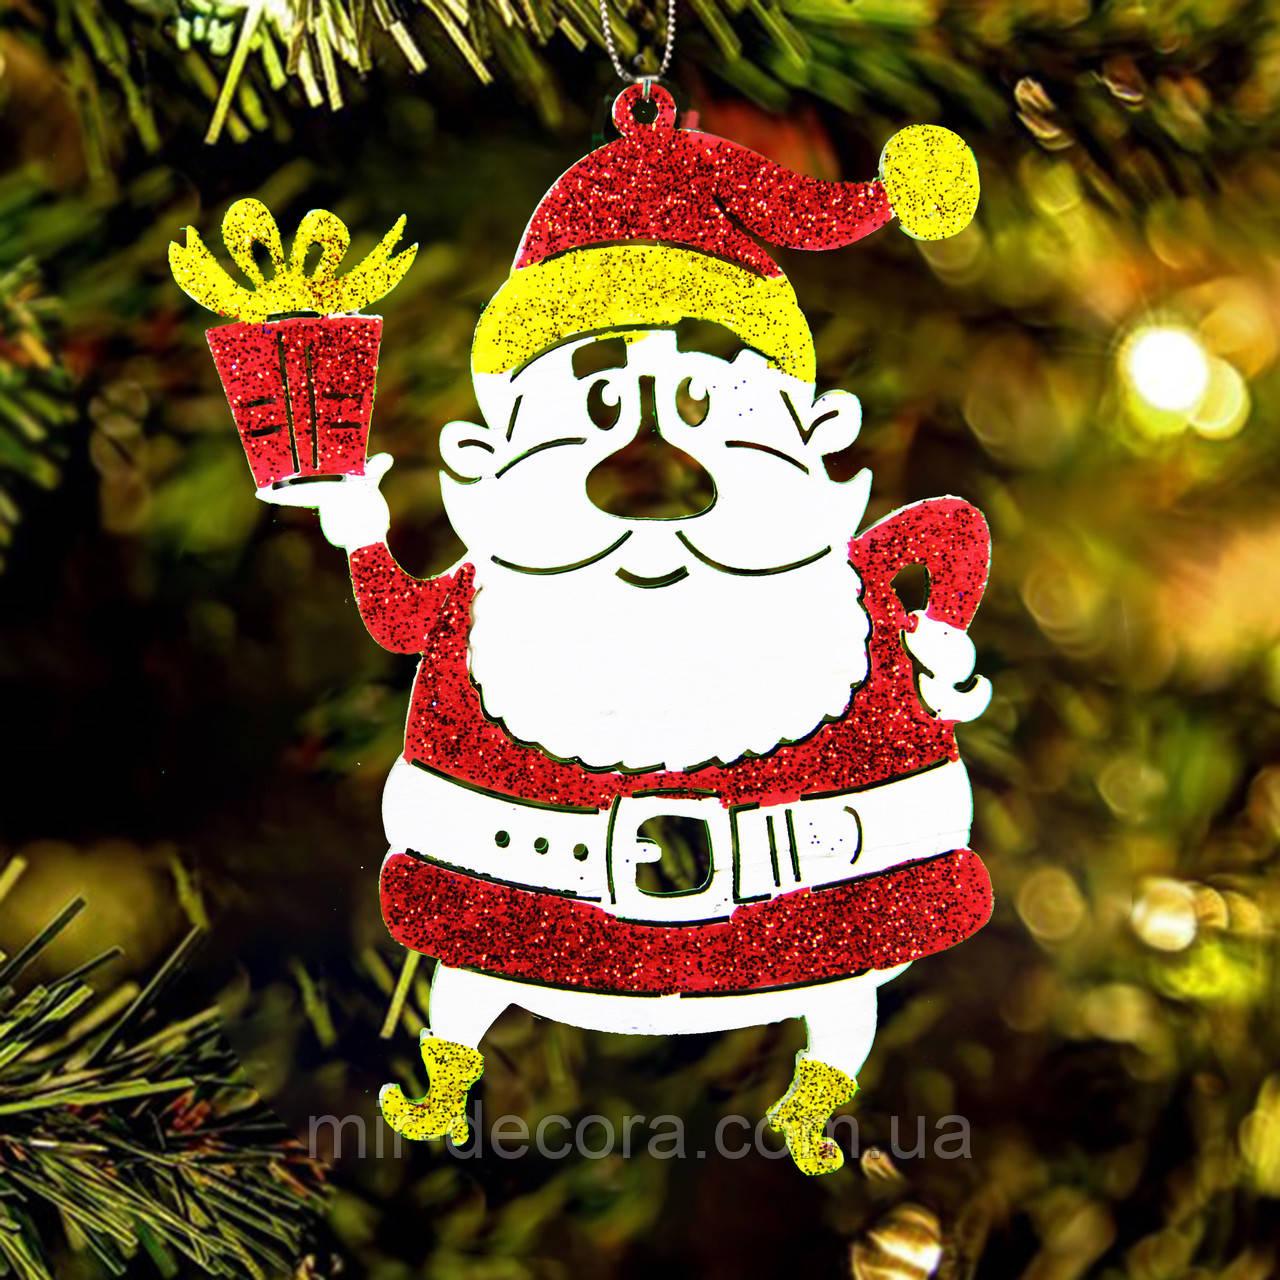 """Деревянная игрушка на елку """"Дедуля Санта"""" высота 12 см, красный"""